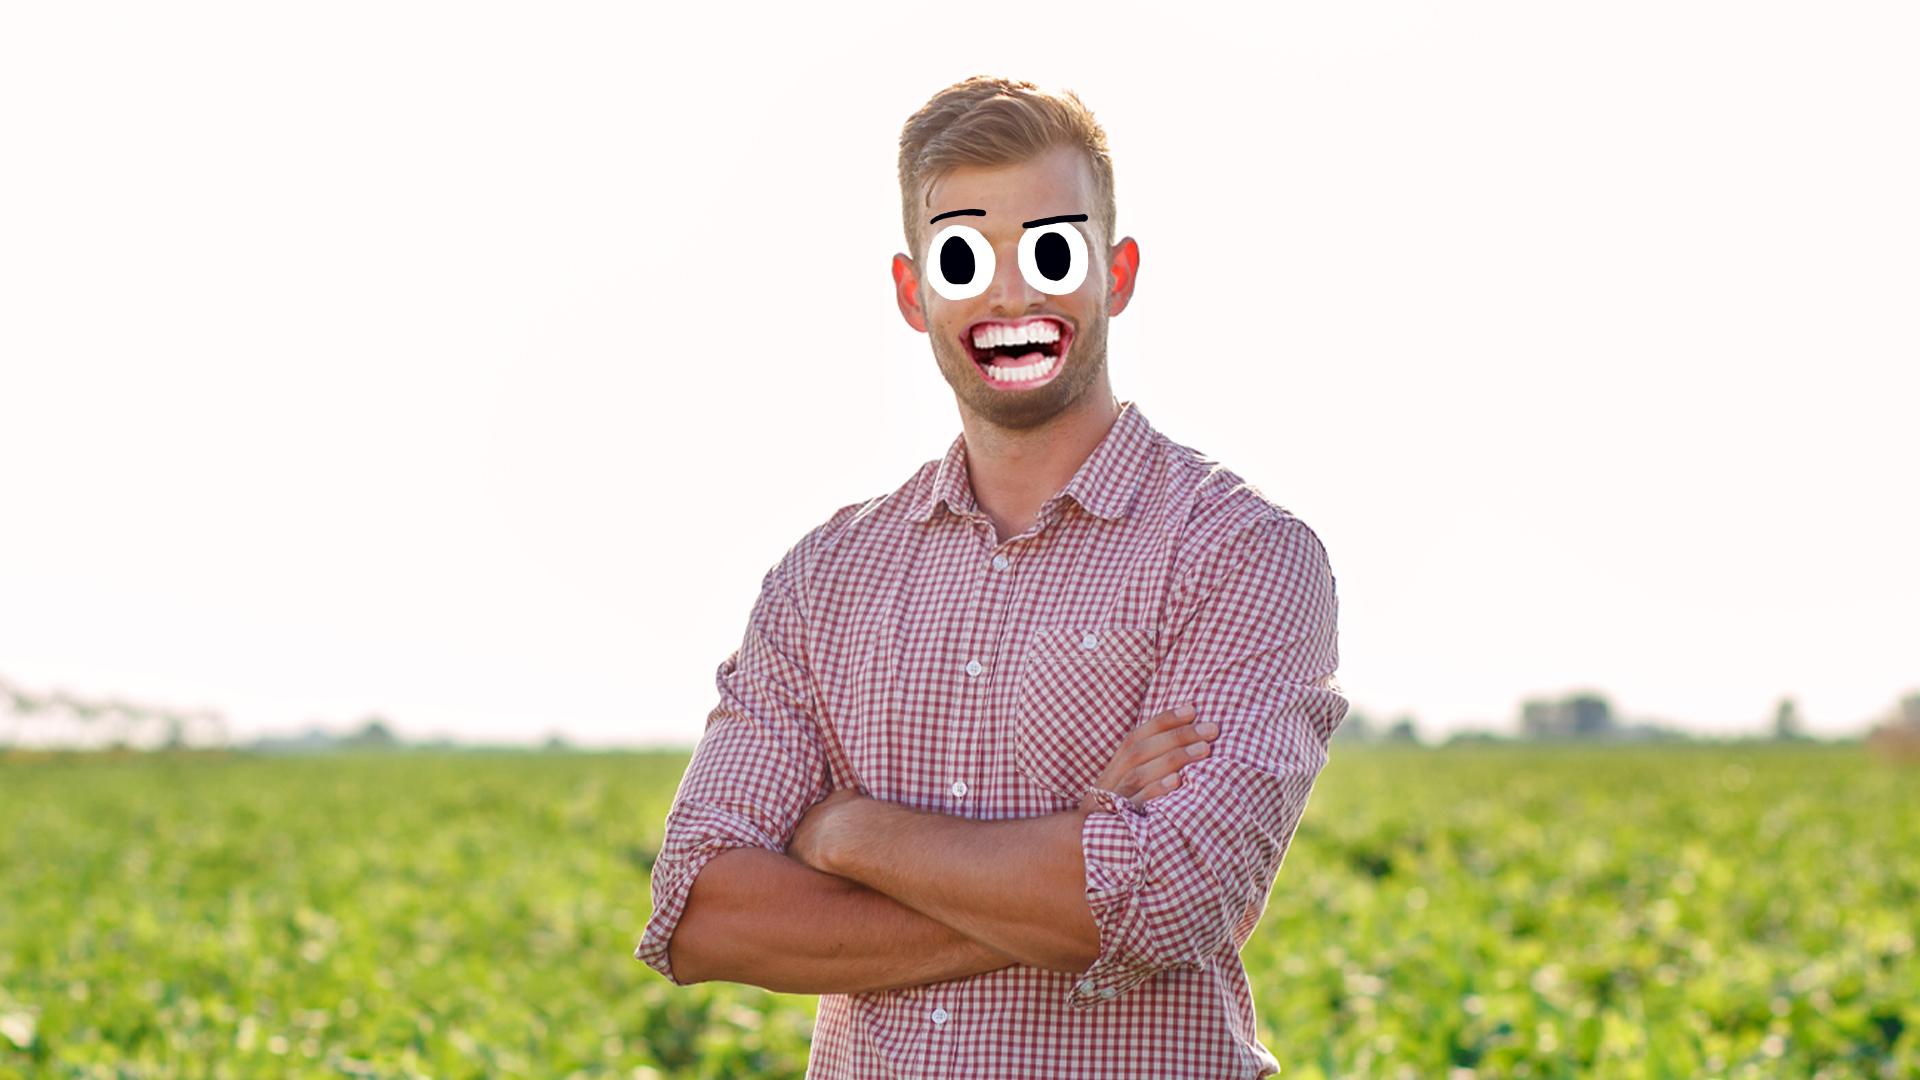 A laughing farmer